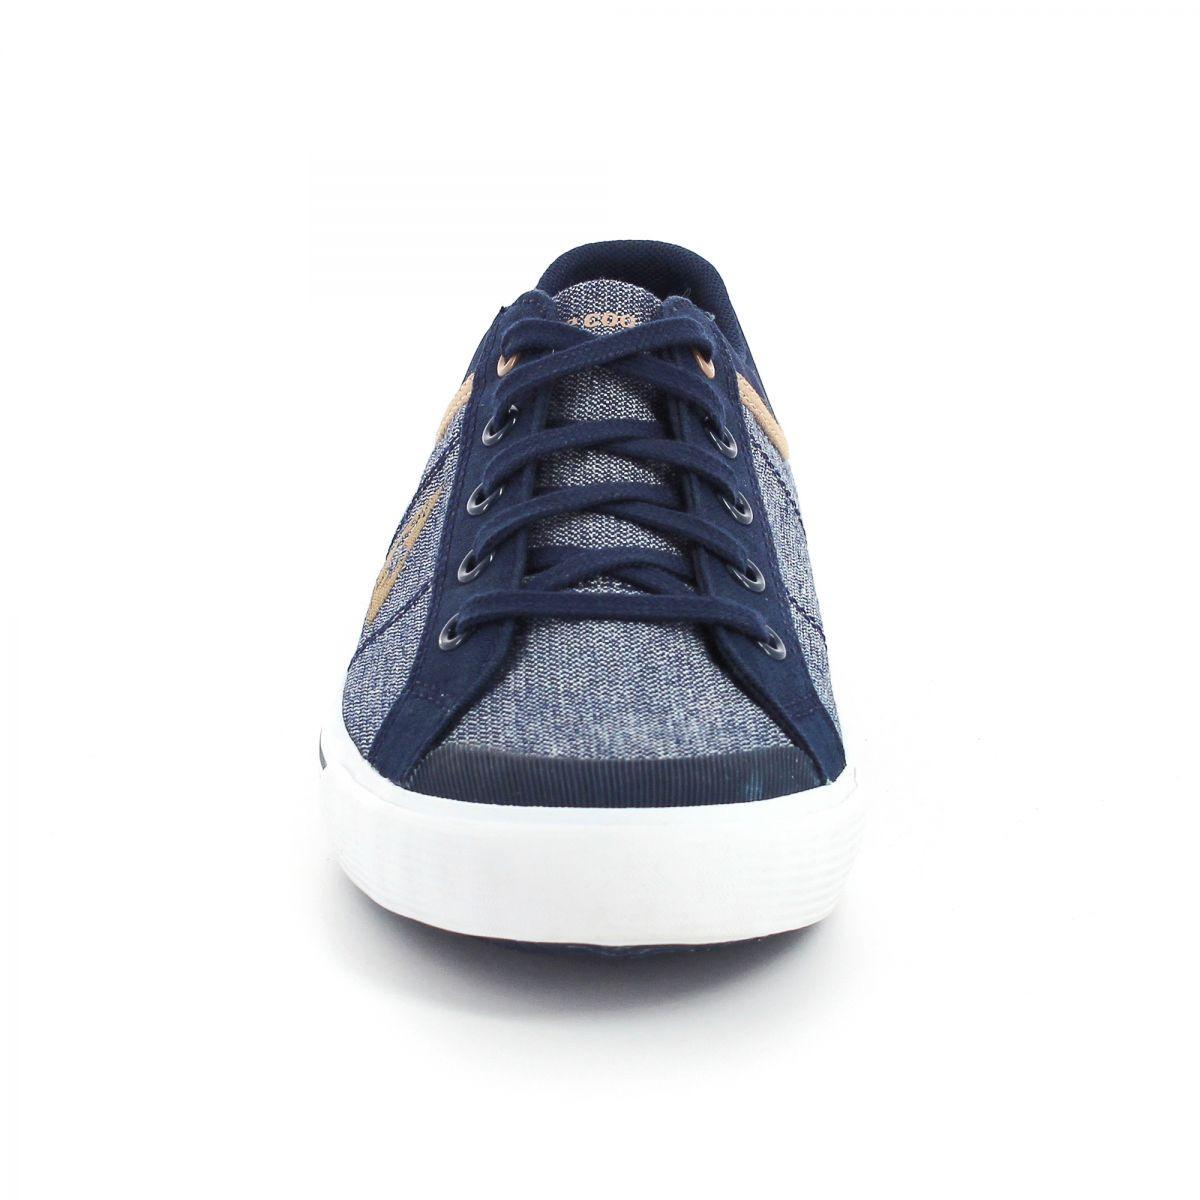 Saint Gaetan Gs 2 Tones Chaussure Garcon